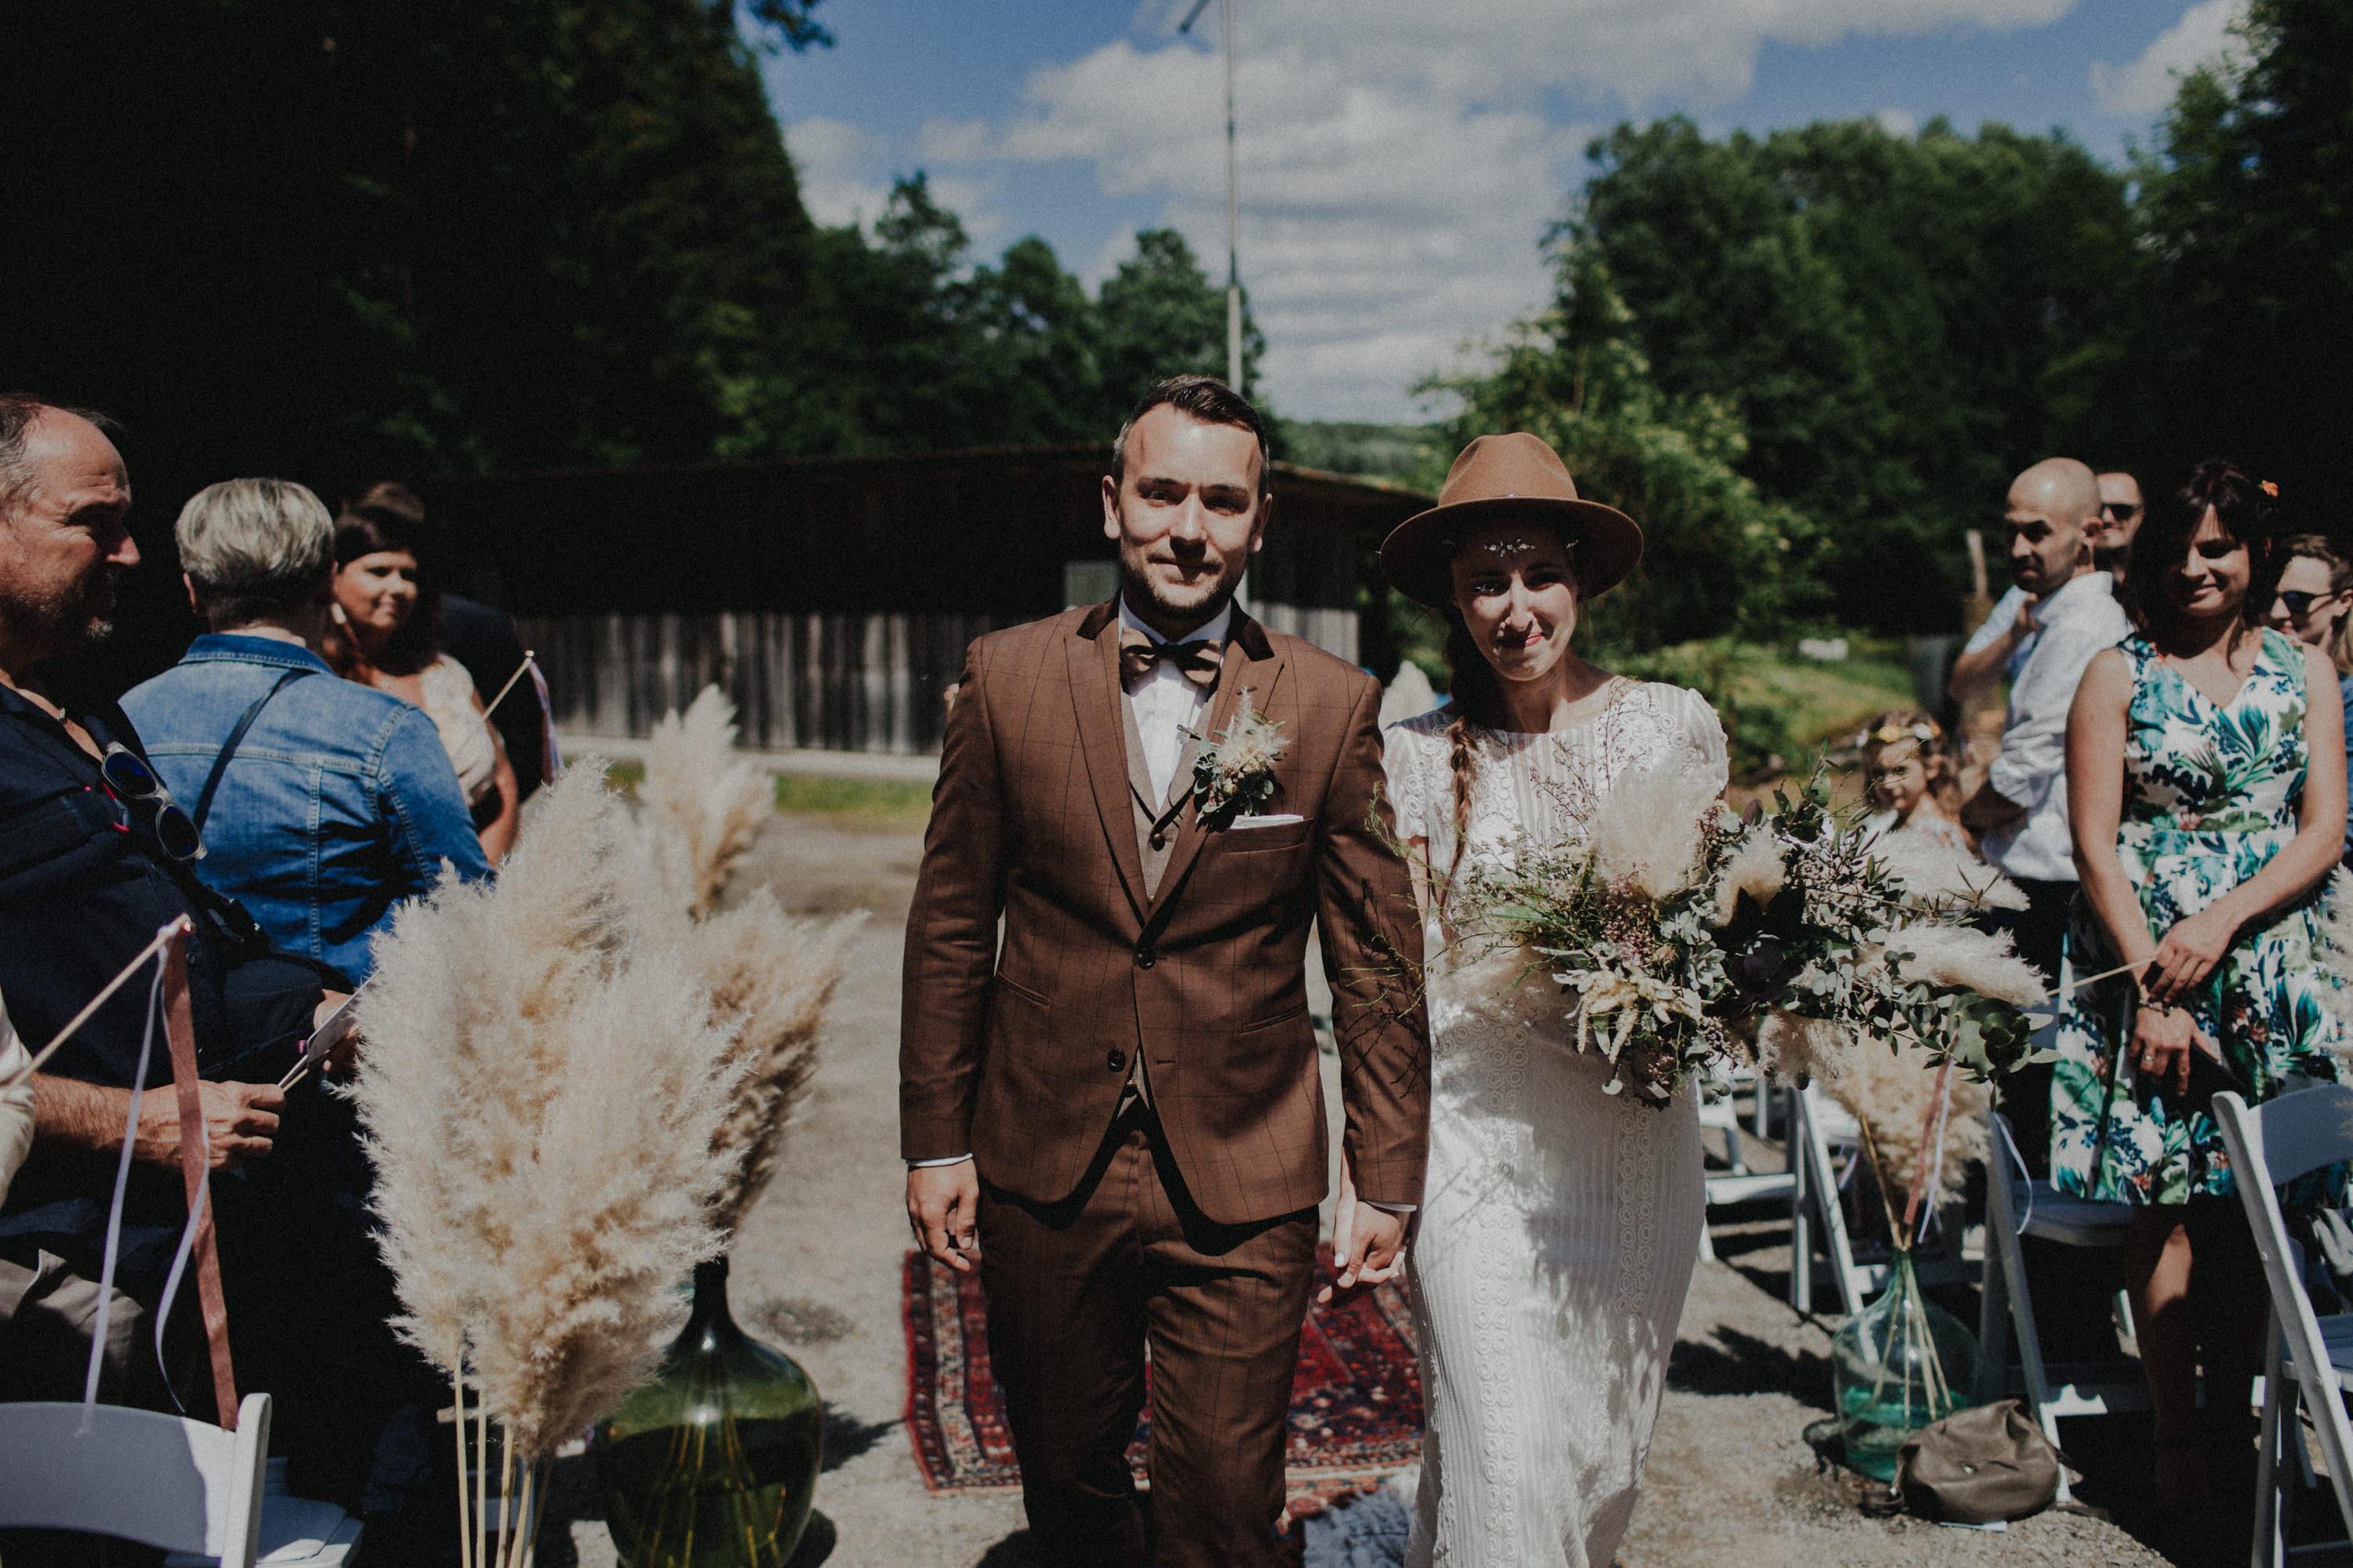 Das Foto ist Teil einer Hochzeitsreportage, das von den Hochzeitsfotografen Tom und Lia aus Potsdam aufgenommen wurde. Zu sehen  ist das Brautpaar, das sich in bad Neustadt an der Saale trauen lässt. 2019, Sommer.